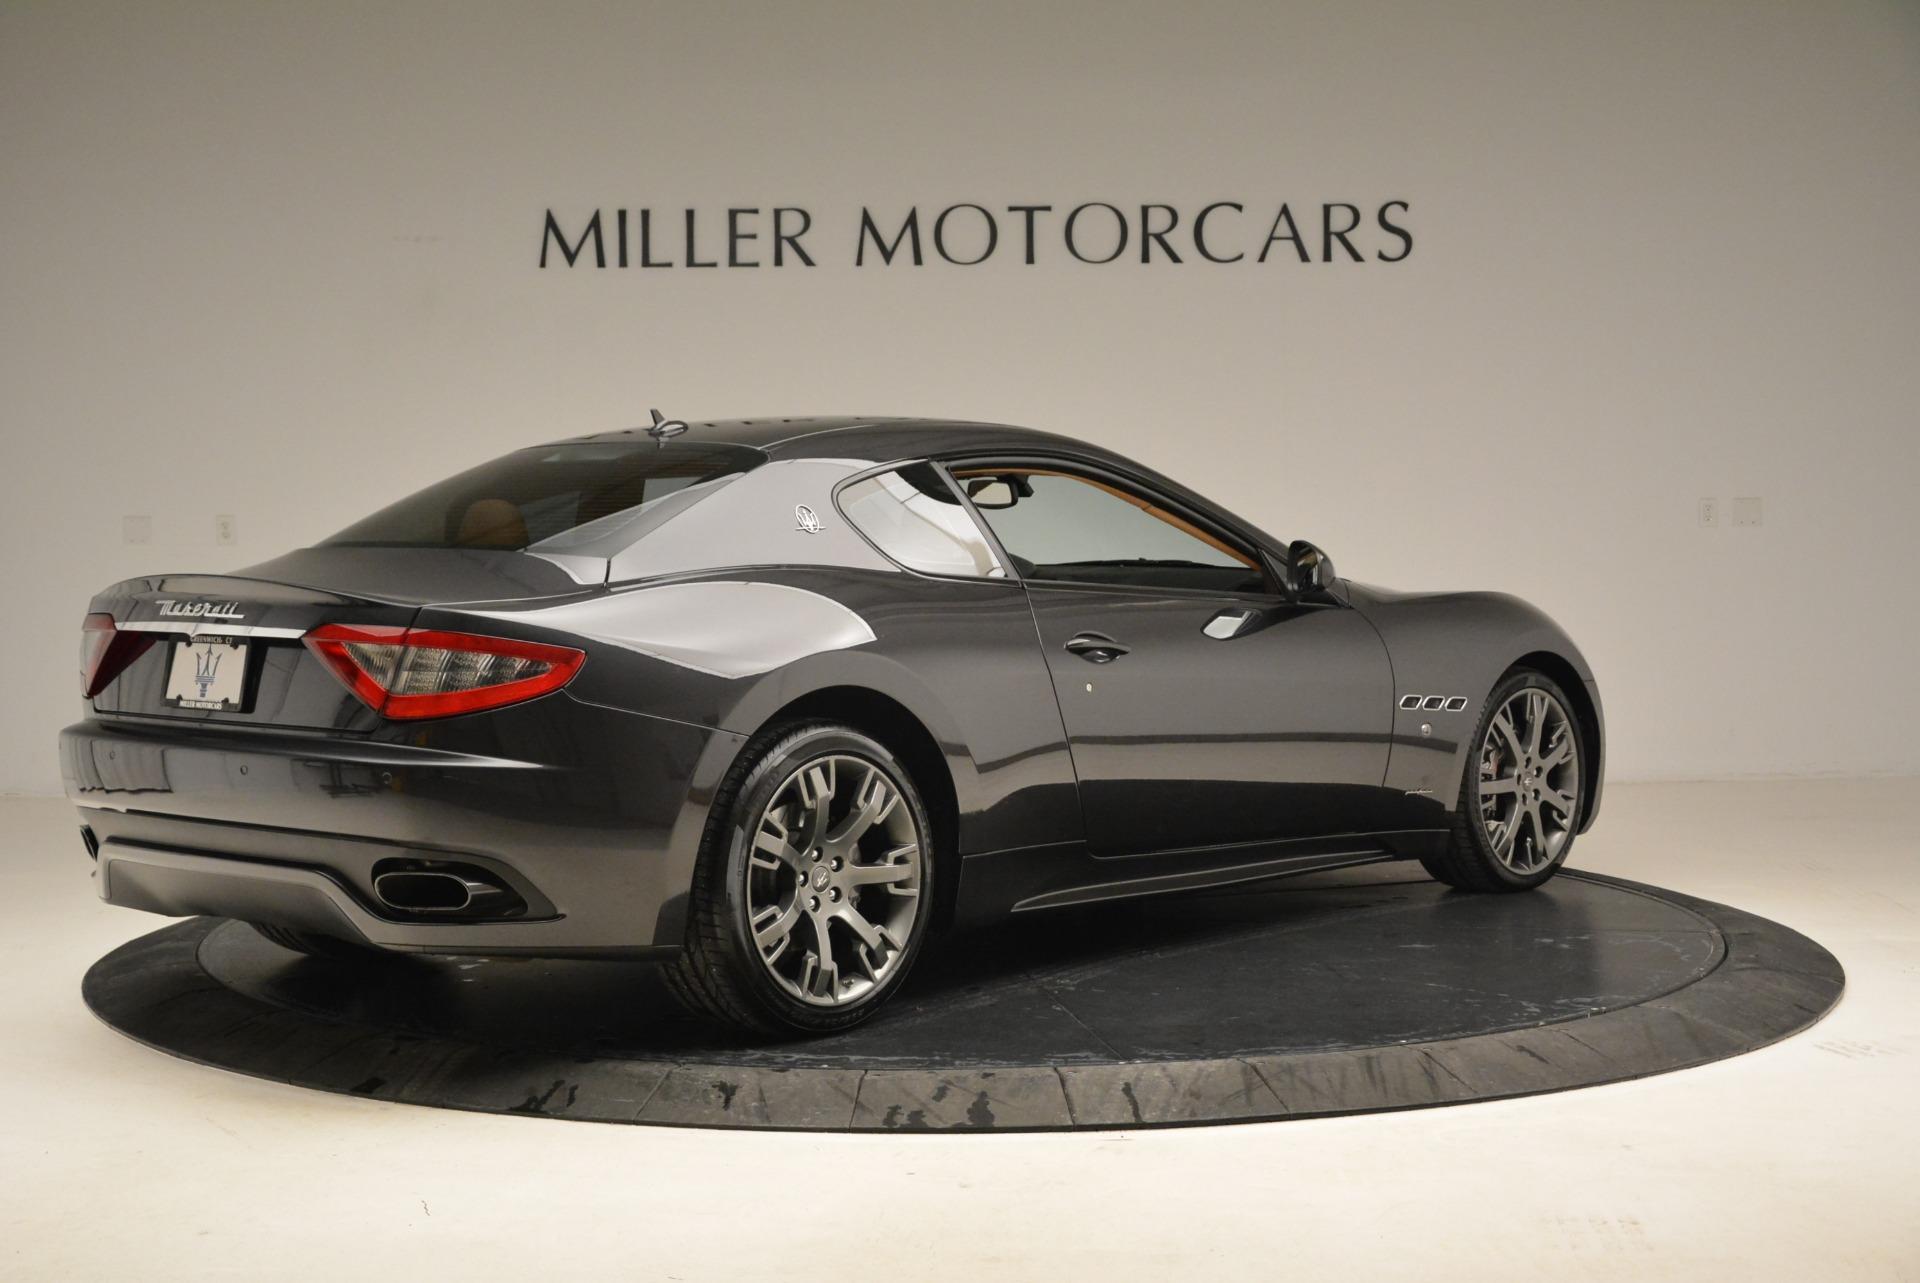 Used 2014 Maserati GranTurismo Sport For Sale In Greenwich, CT 2067_p7